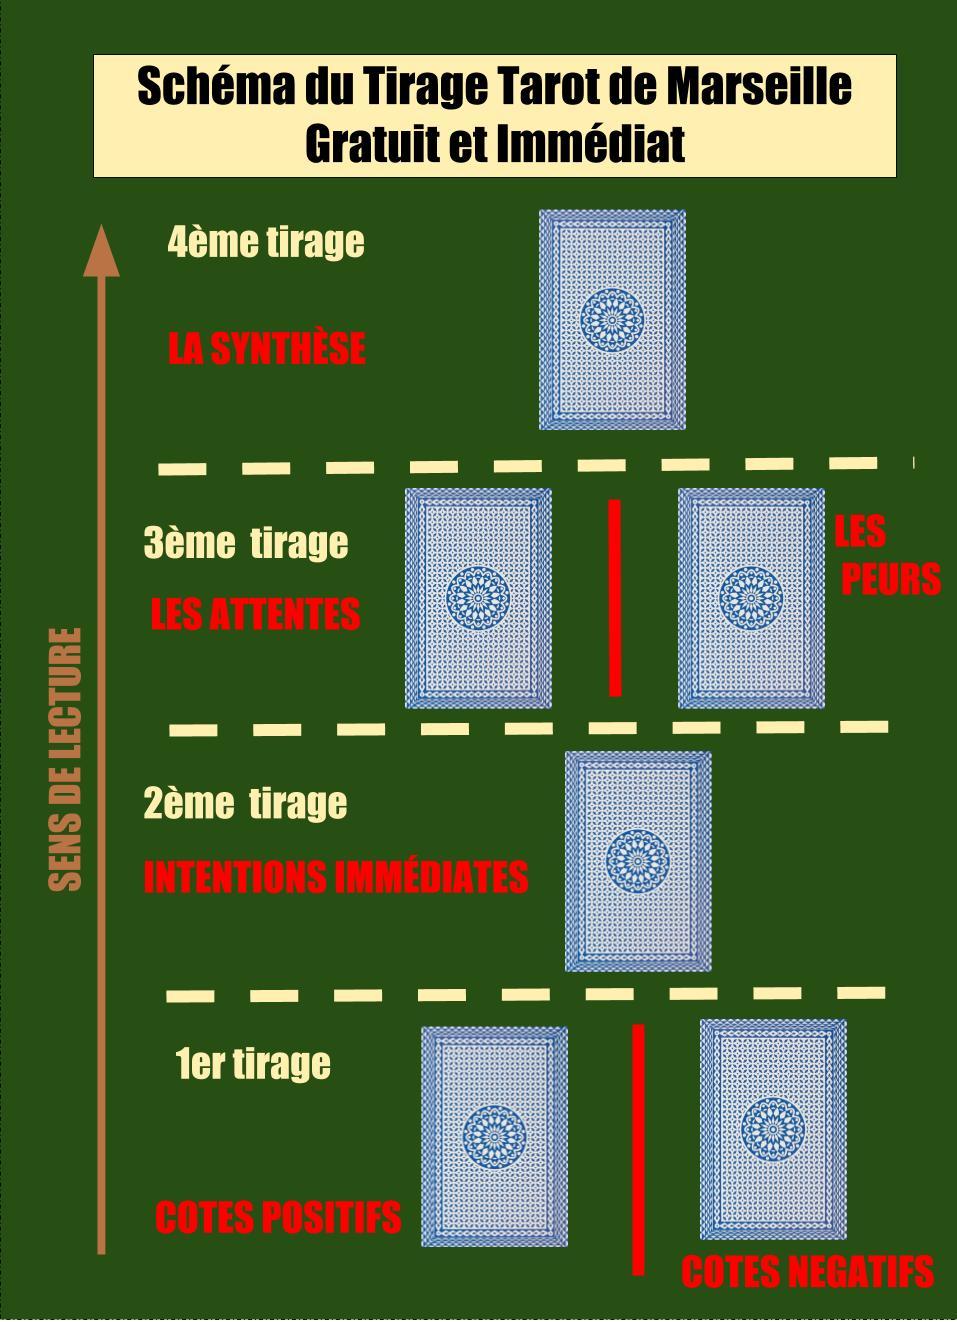 Le schéma de placement des 6 cartes pour un tirage tarot de marseille gratuit immediat